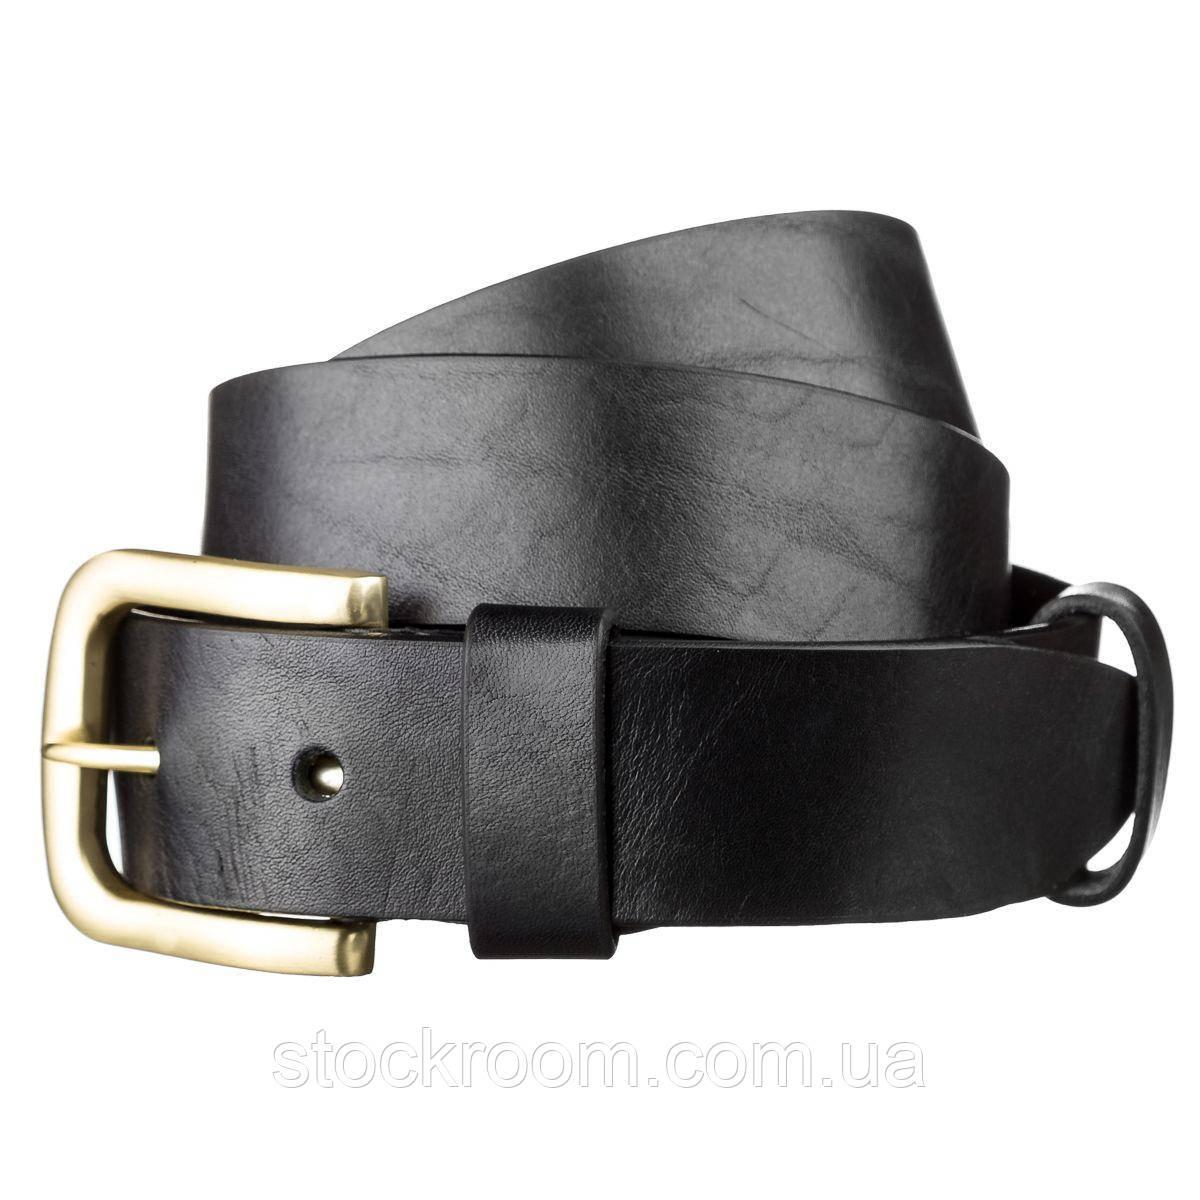 Ремень мужской SHVIGEL 15271 кожаный Черный, Черный